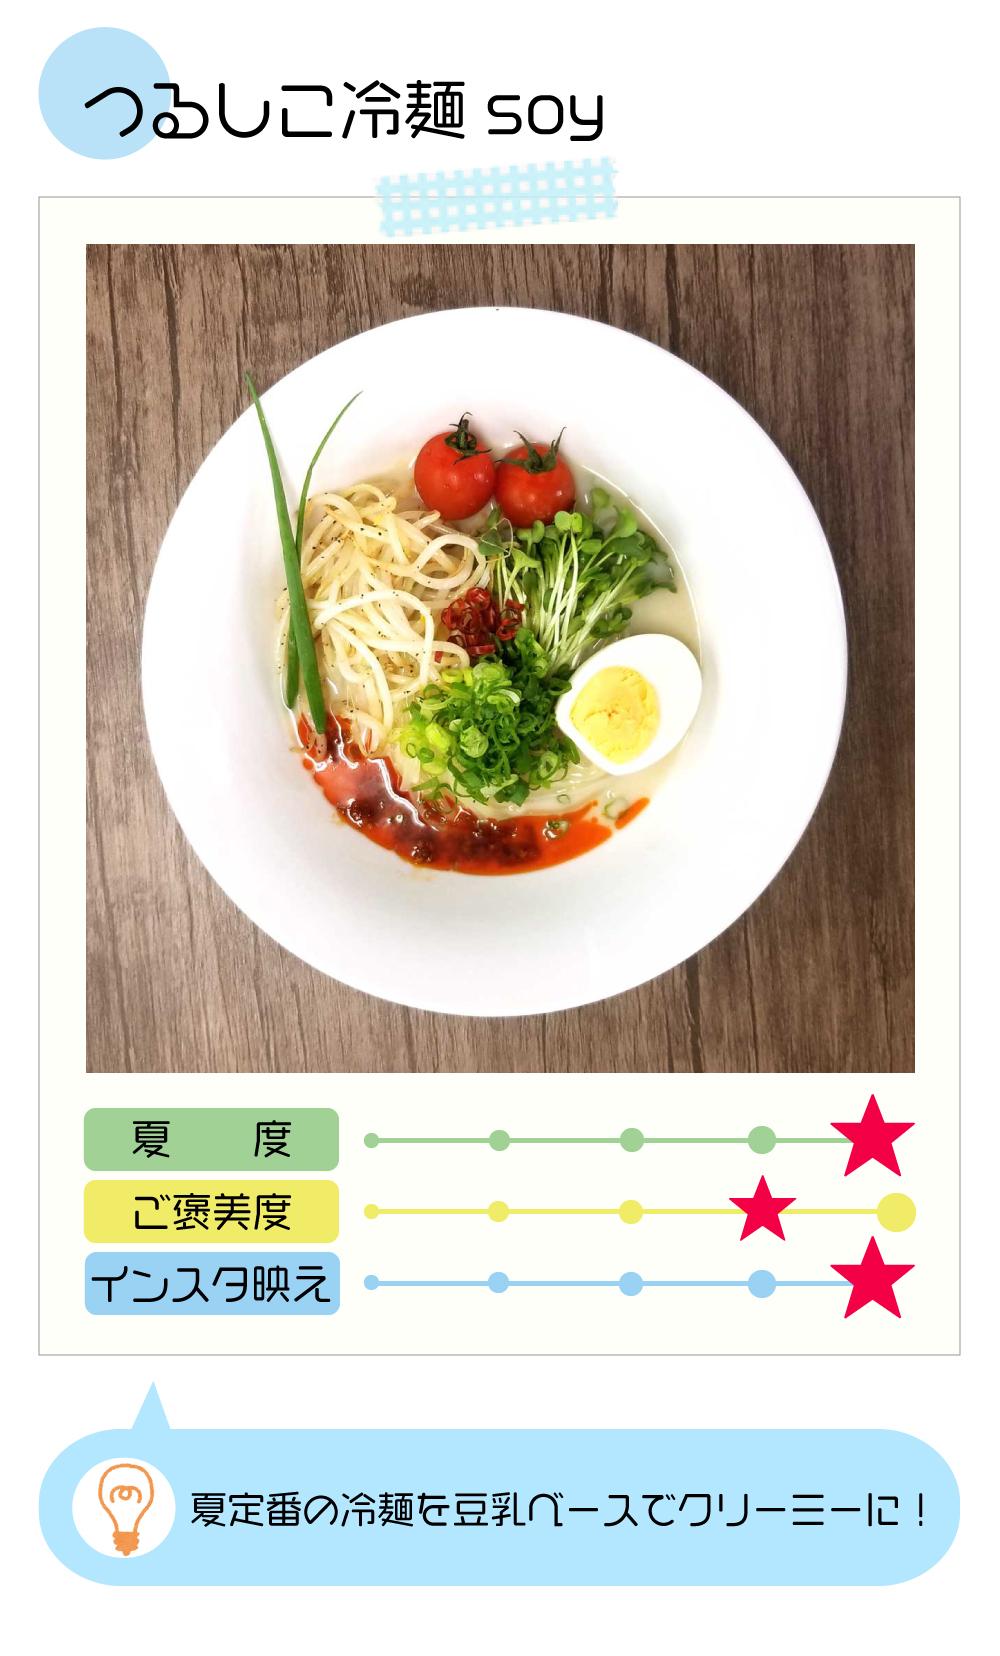 つるしこ冷麺soy